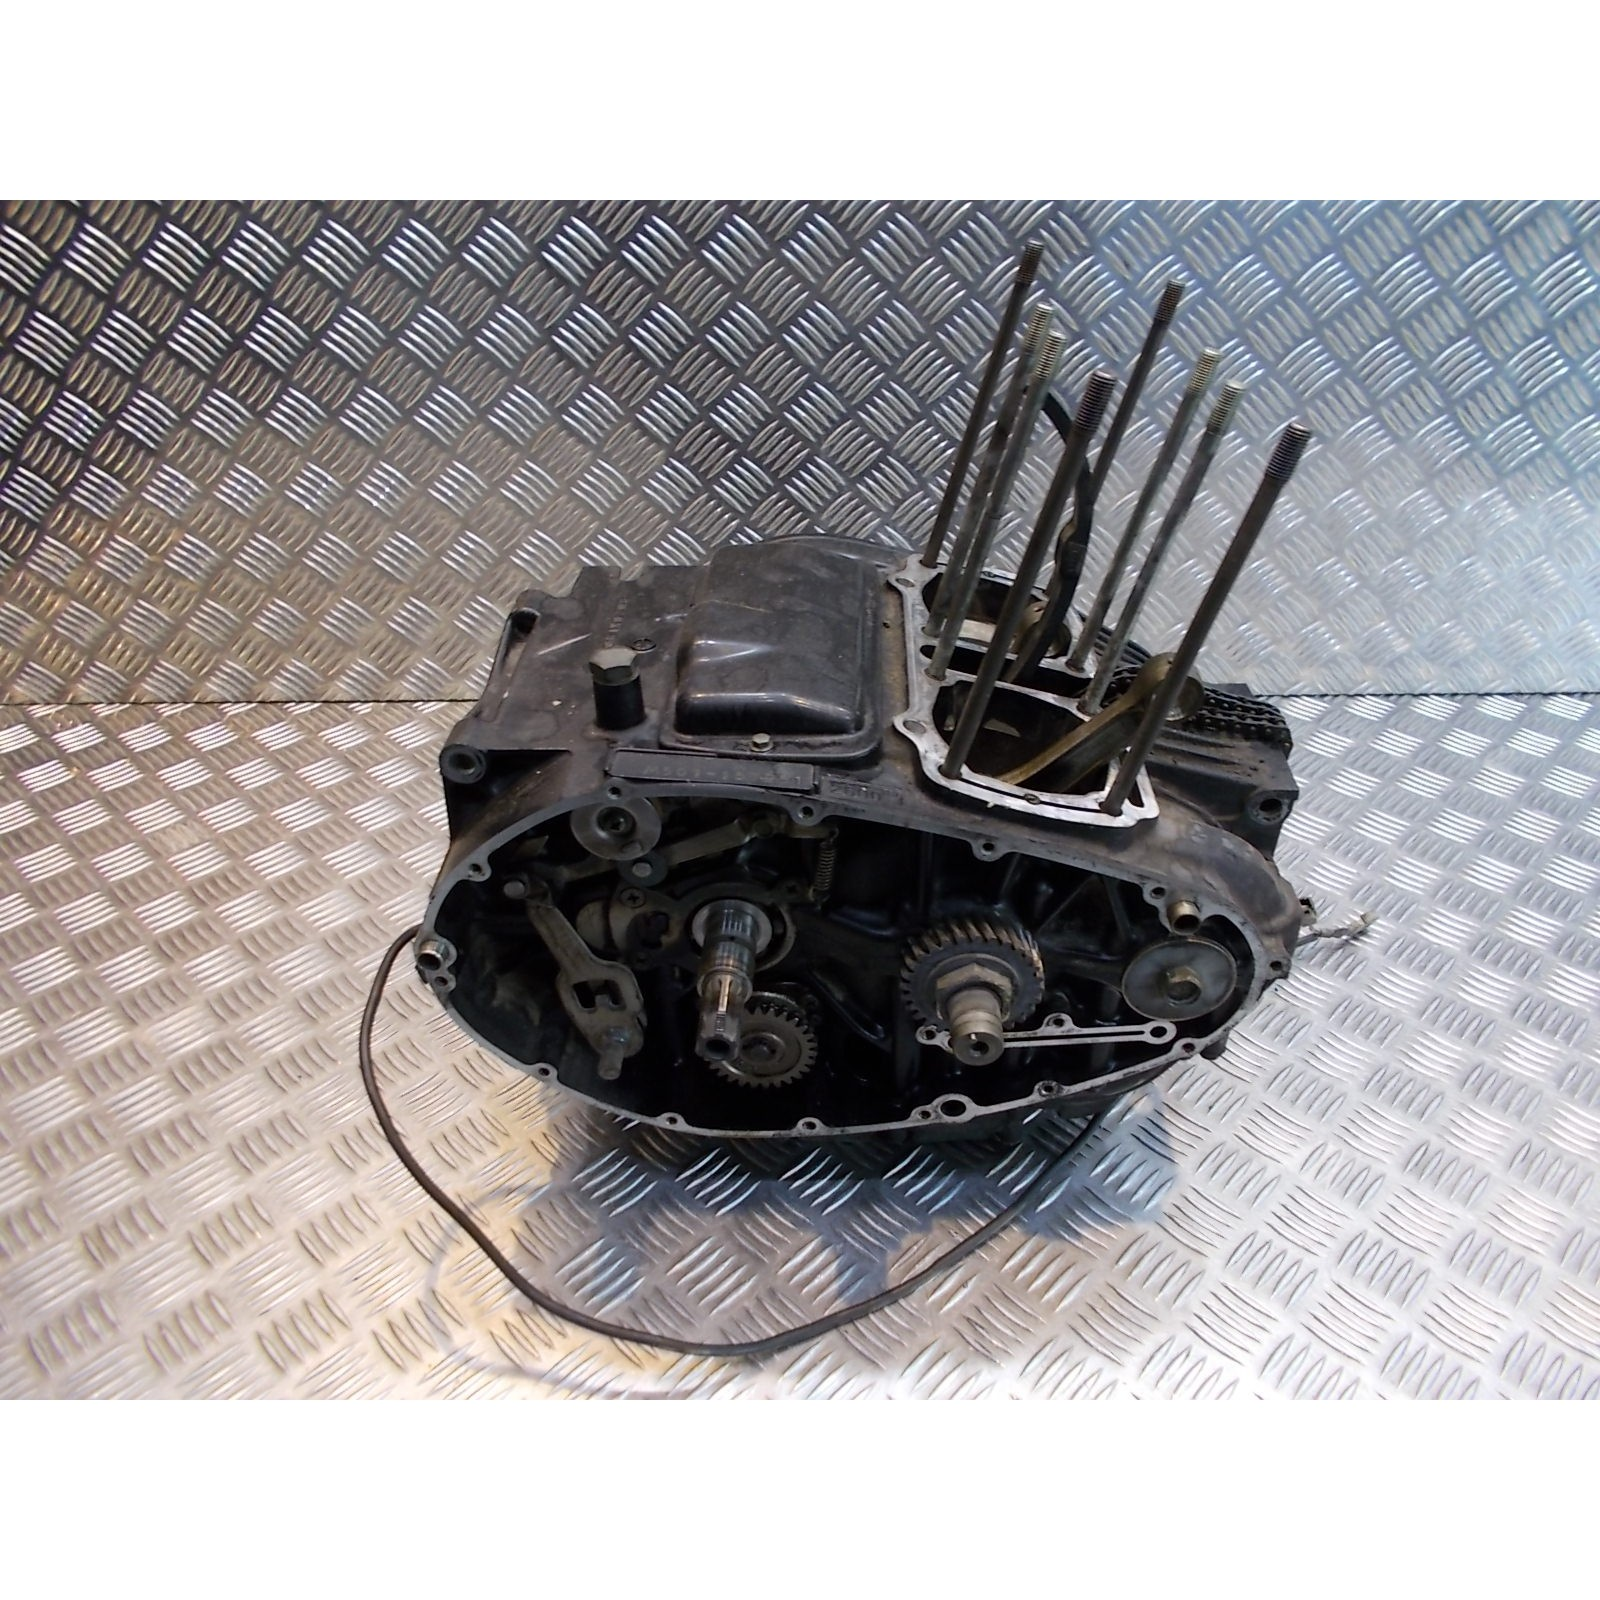 bas moteur embiellage vilebrequin boite vitesse moto suzuki gs 500 e gse gm51a m501